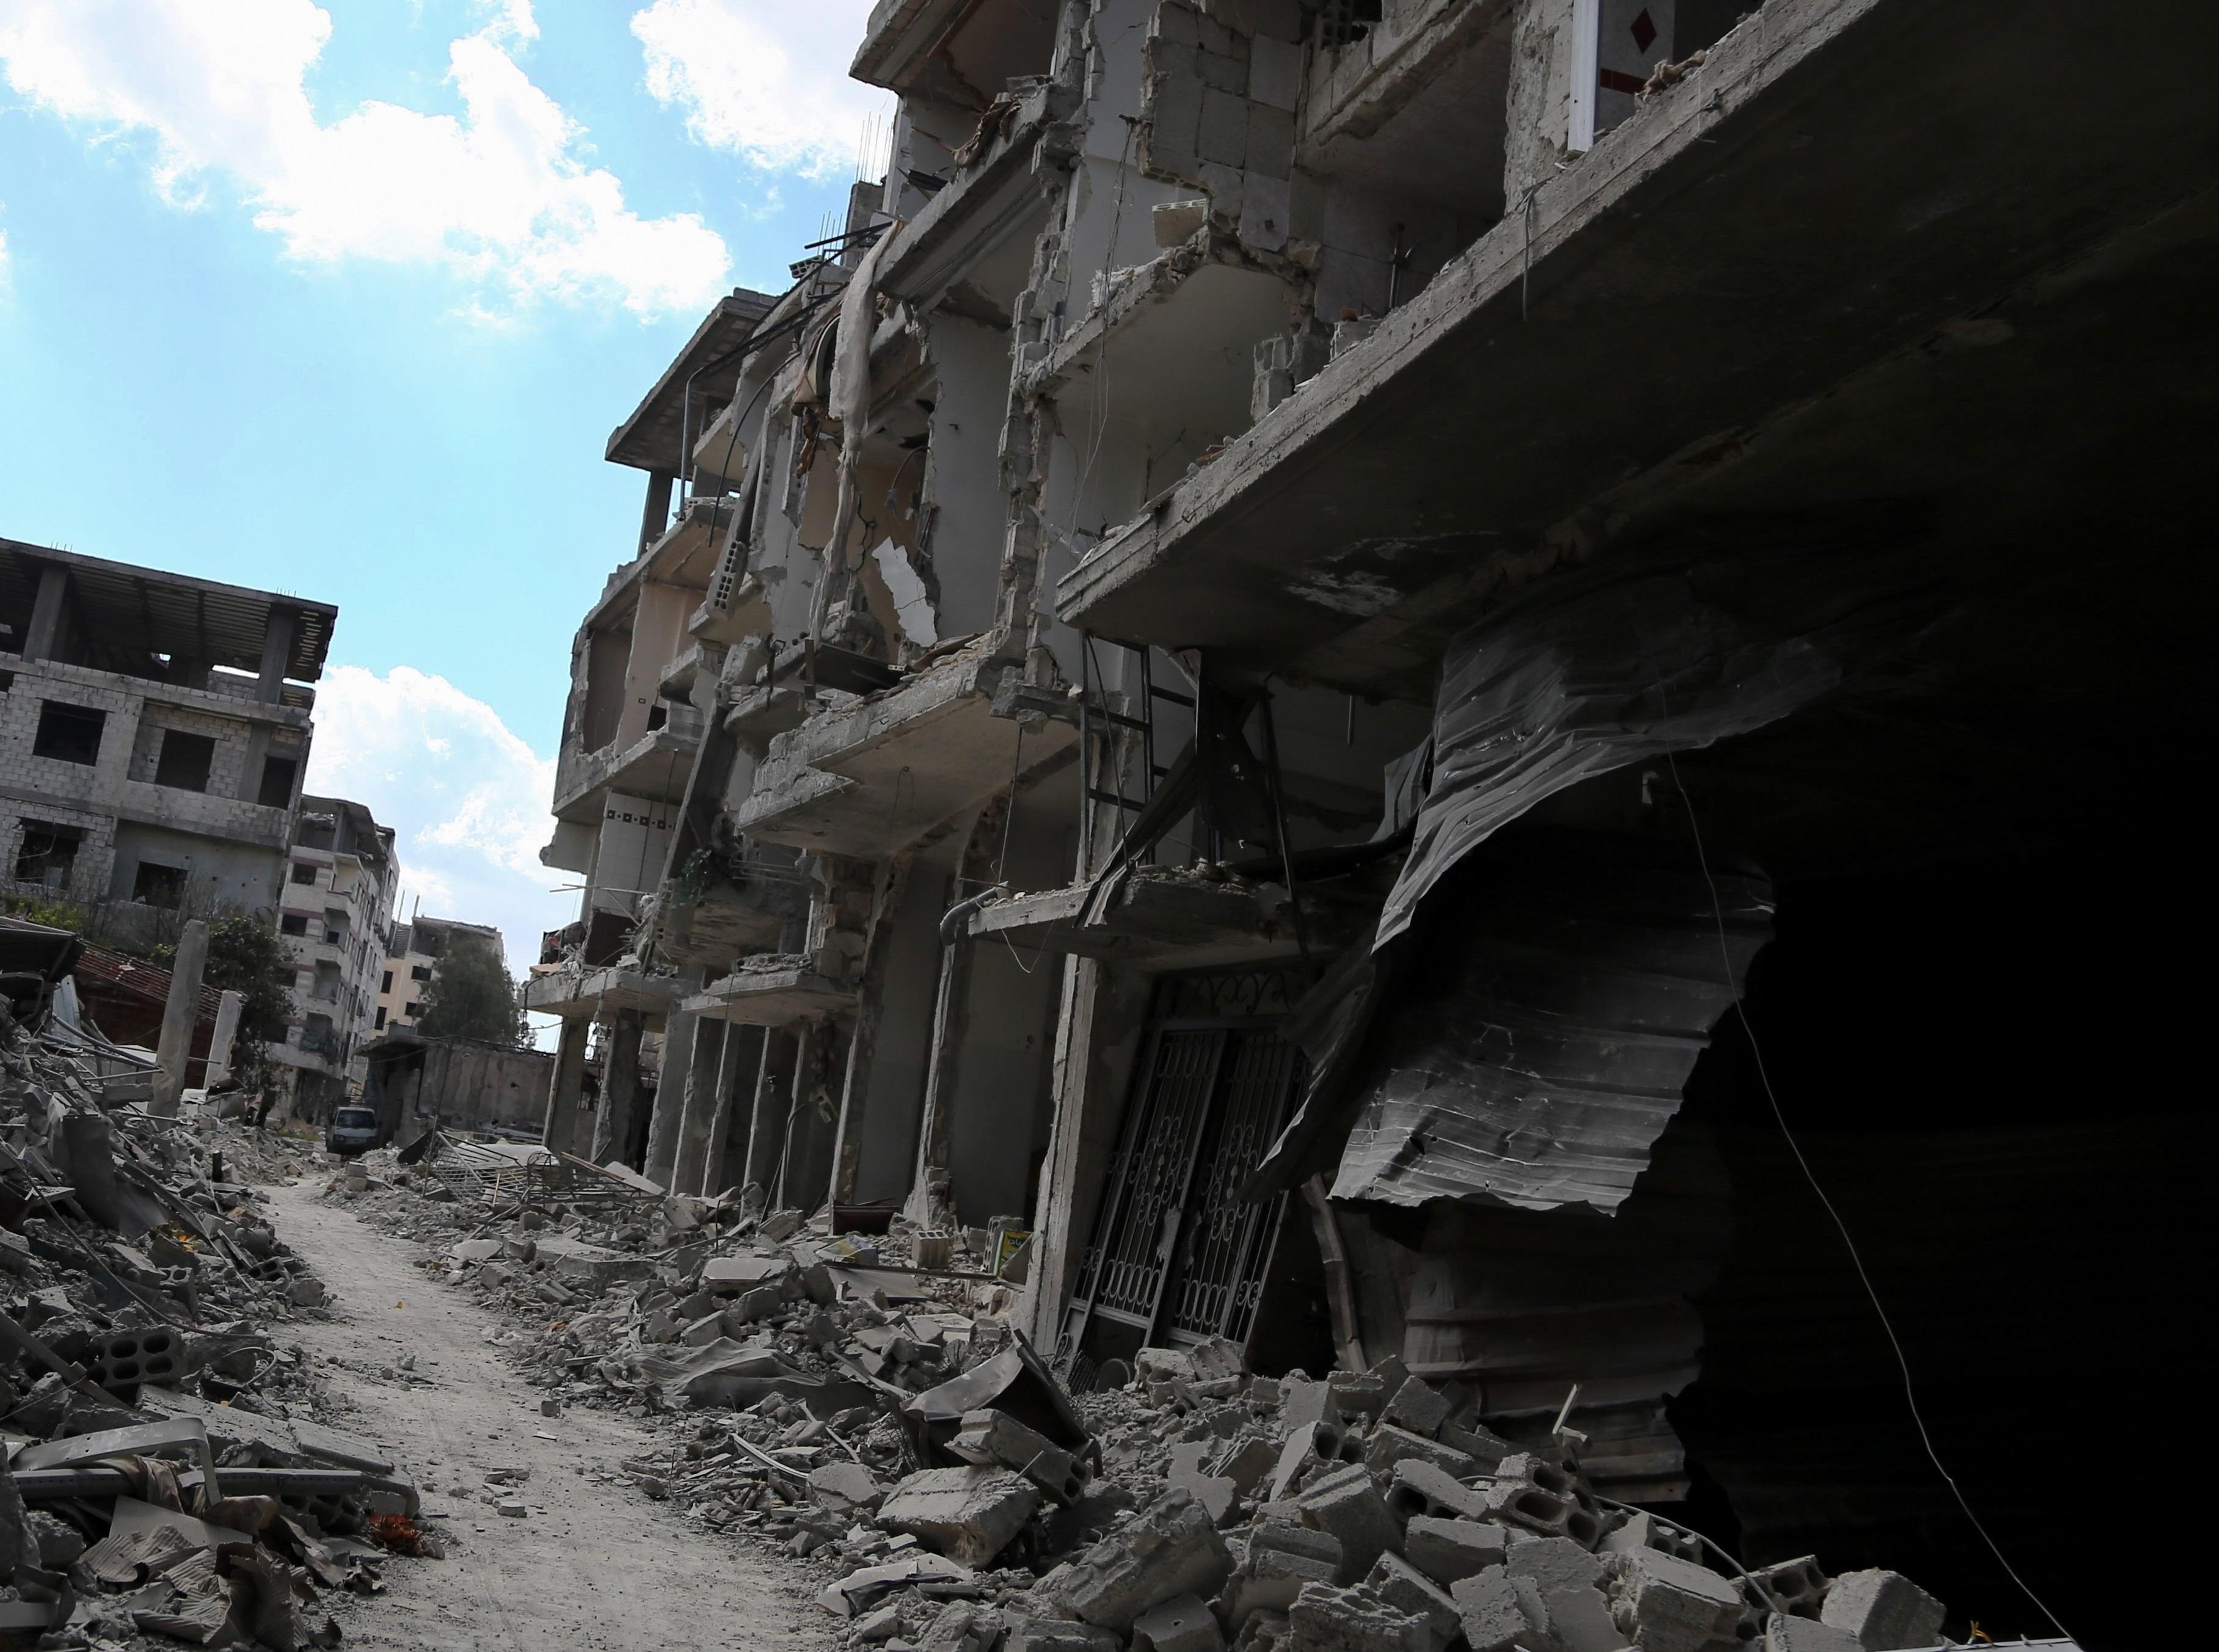 Bombardeo en la región siria de Guta deja 15 niños muertos | El Heraldo